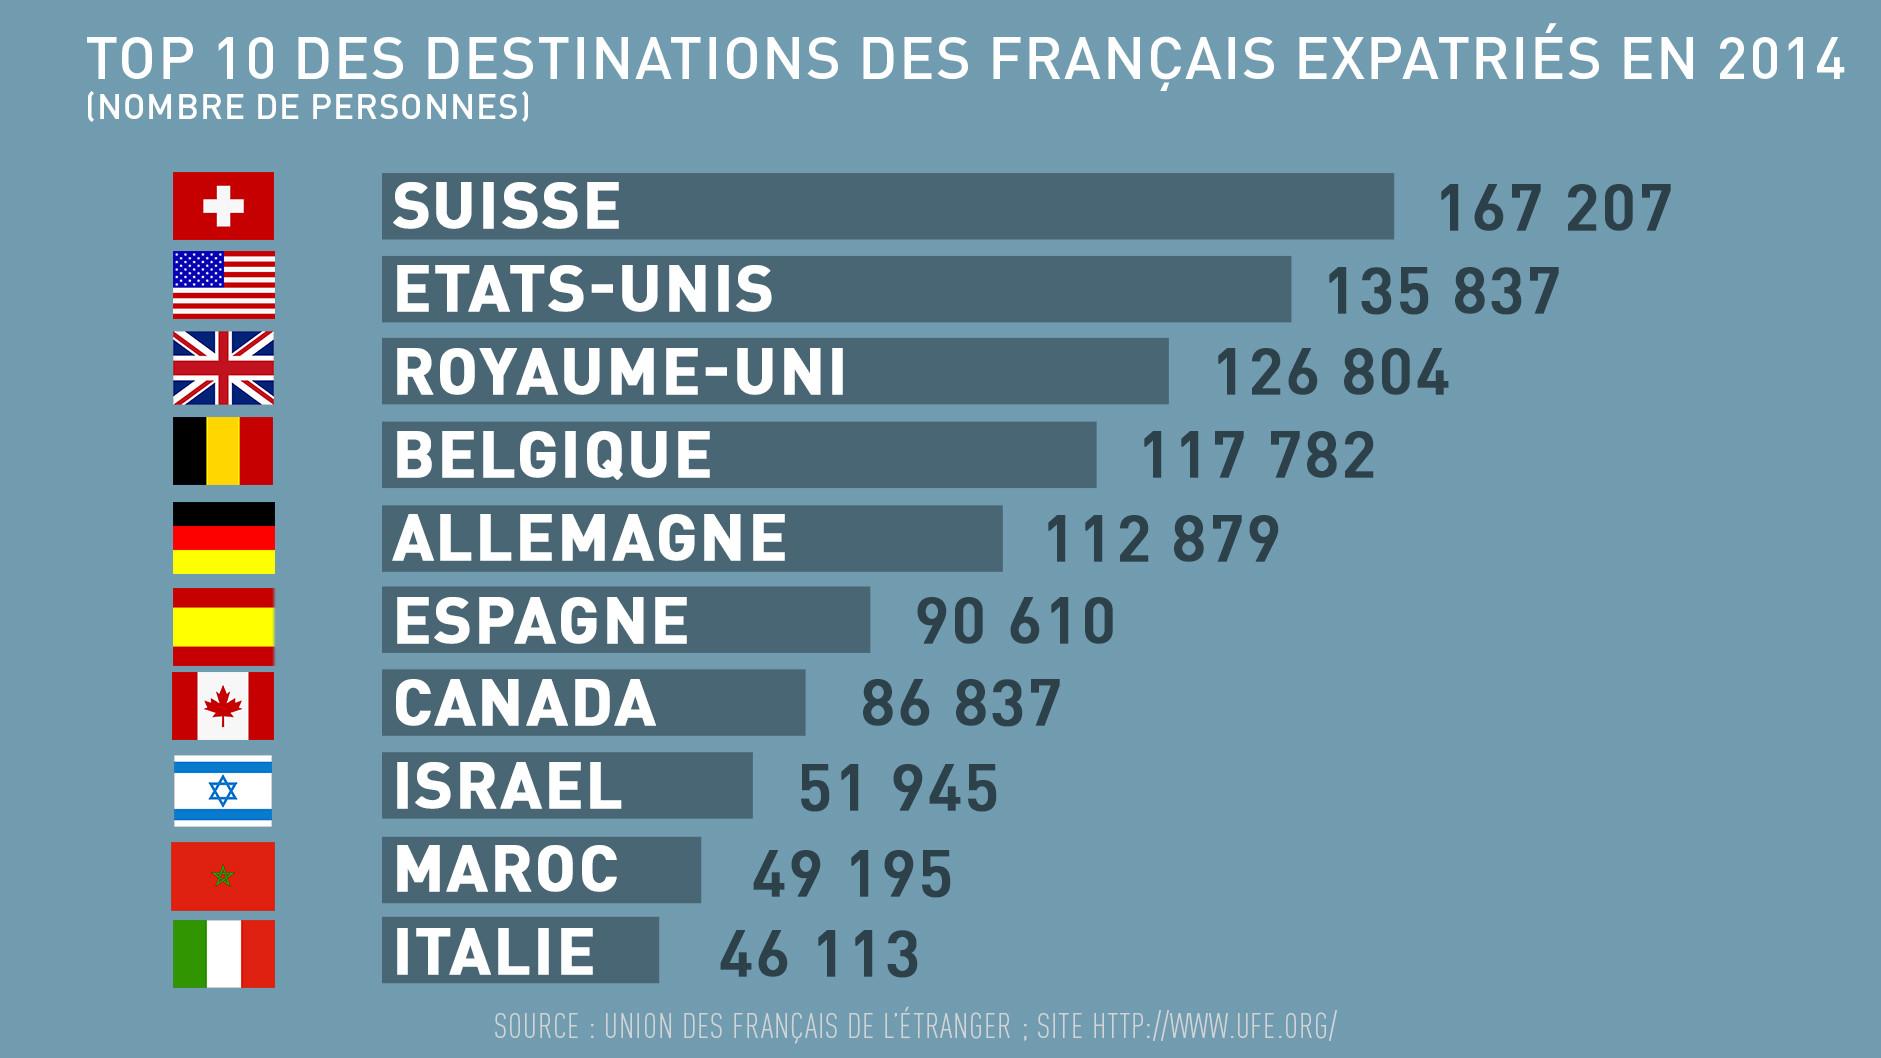 Quels sont les pays plébiscités par les expatriés français ?